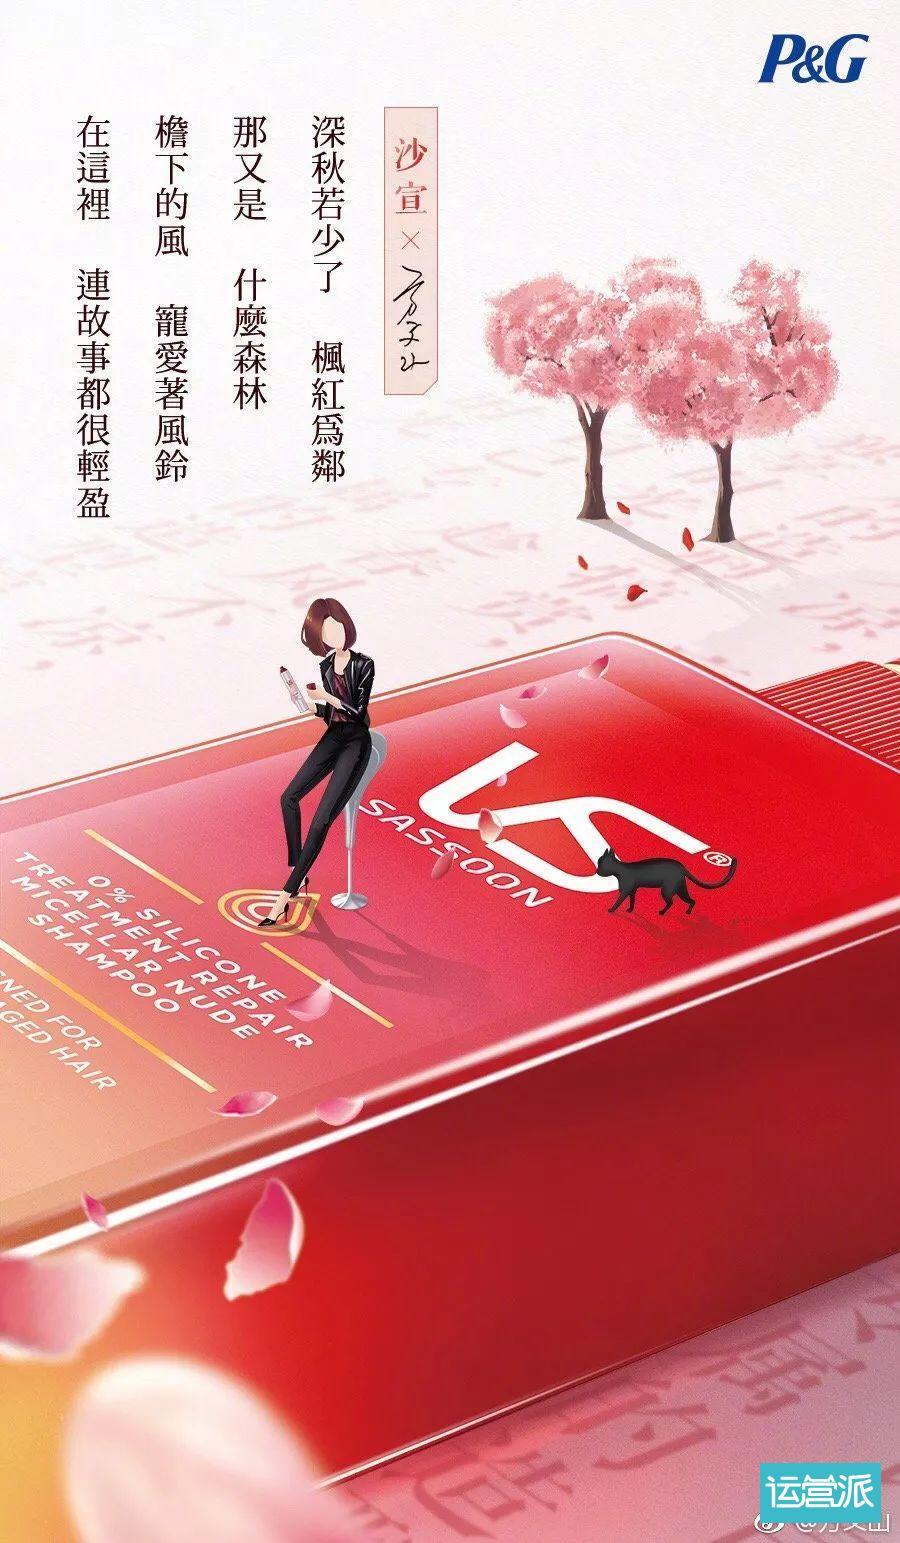 方文山做广告了